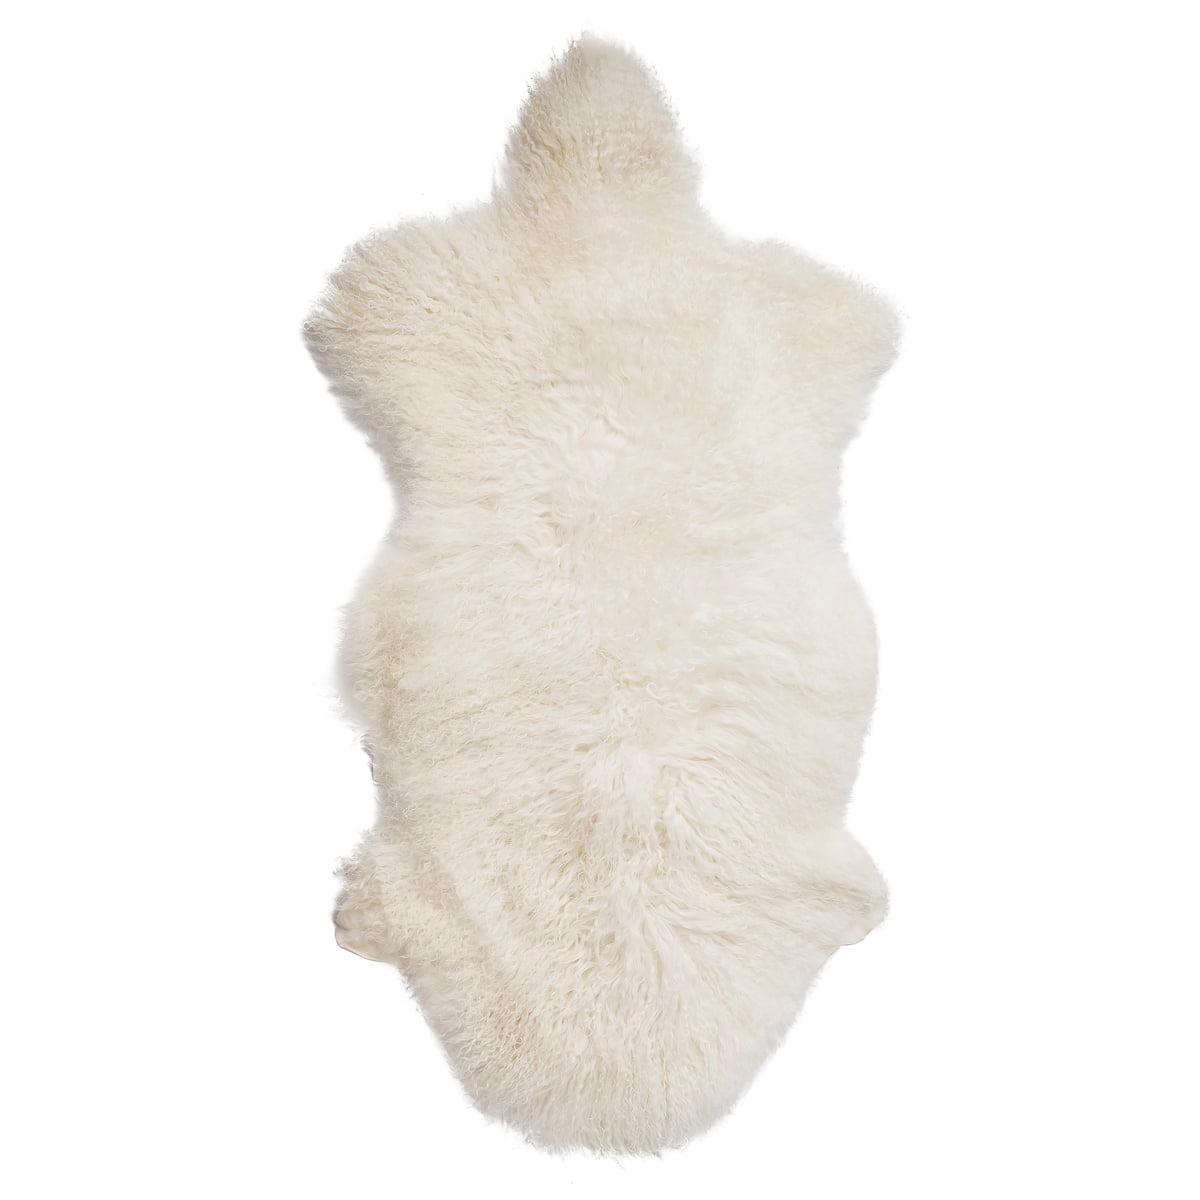 Bloomingville - Peau de mouton de Mongolie, blanc